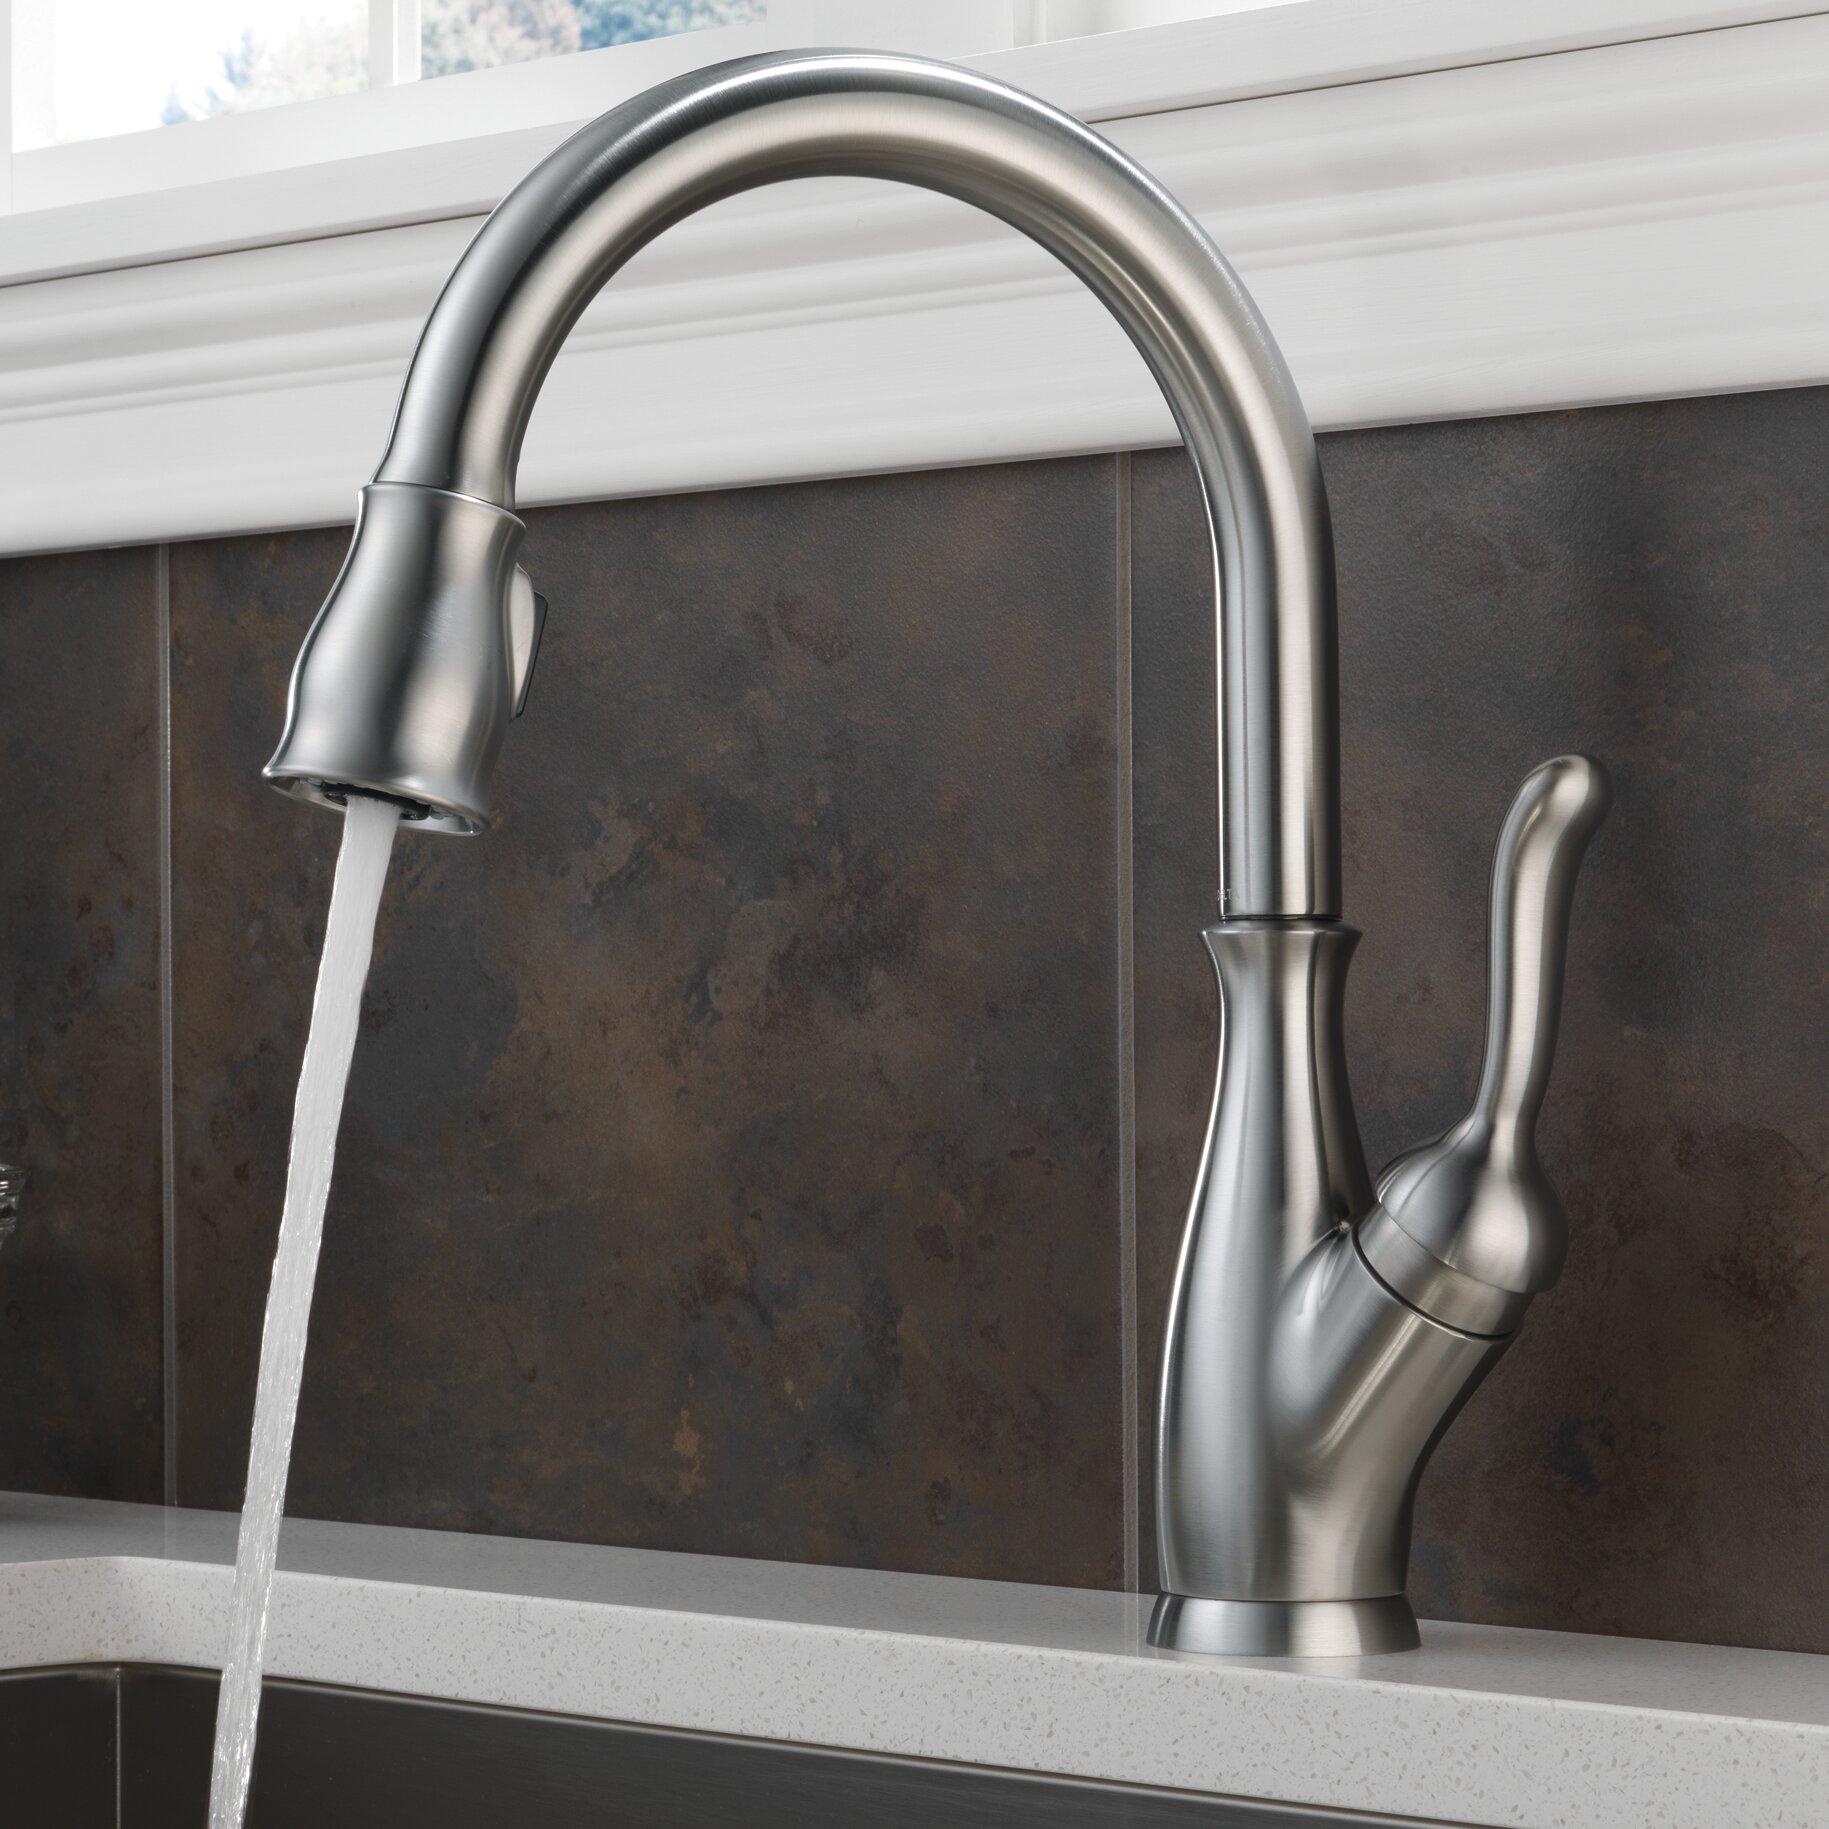 Delta Leland Single Handle Deck Mount Kitchen Faucet Reviews Wayfair